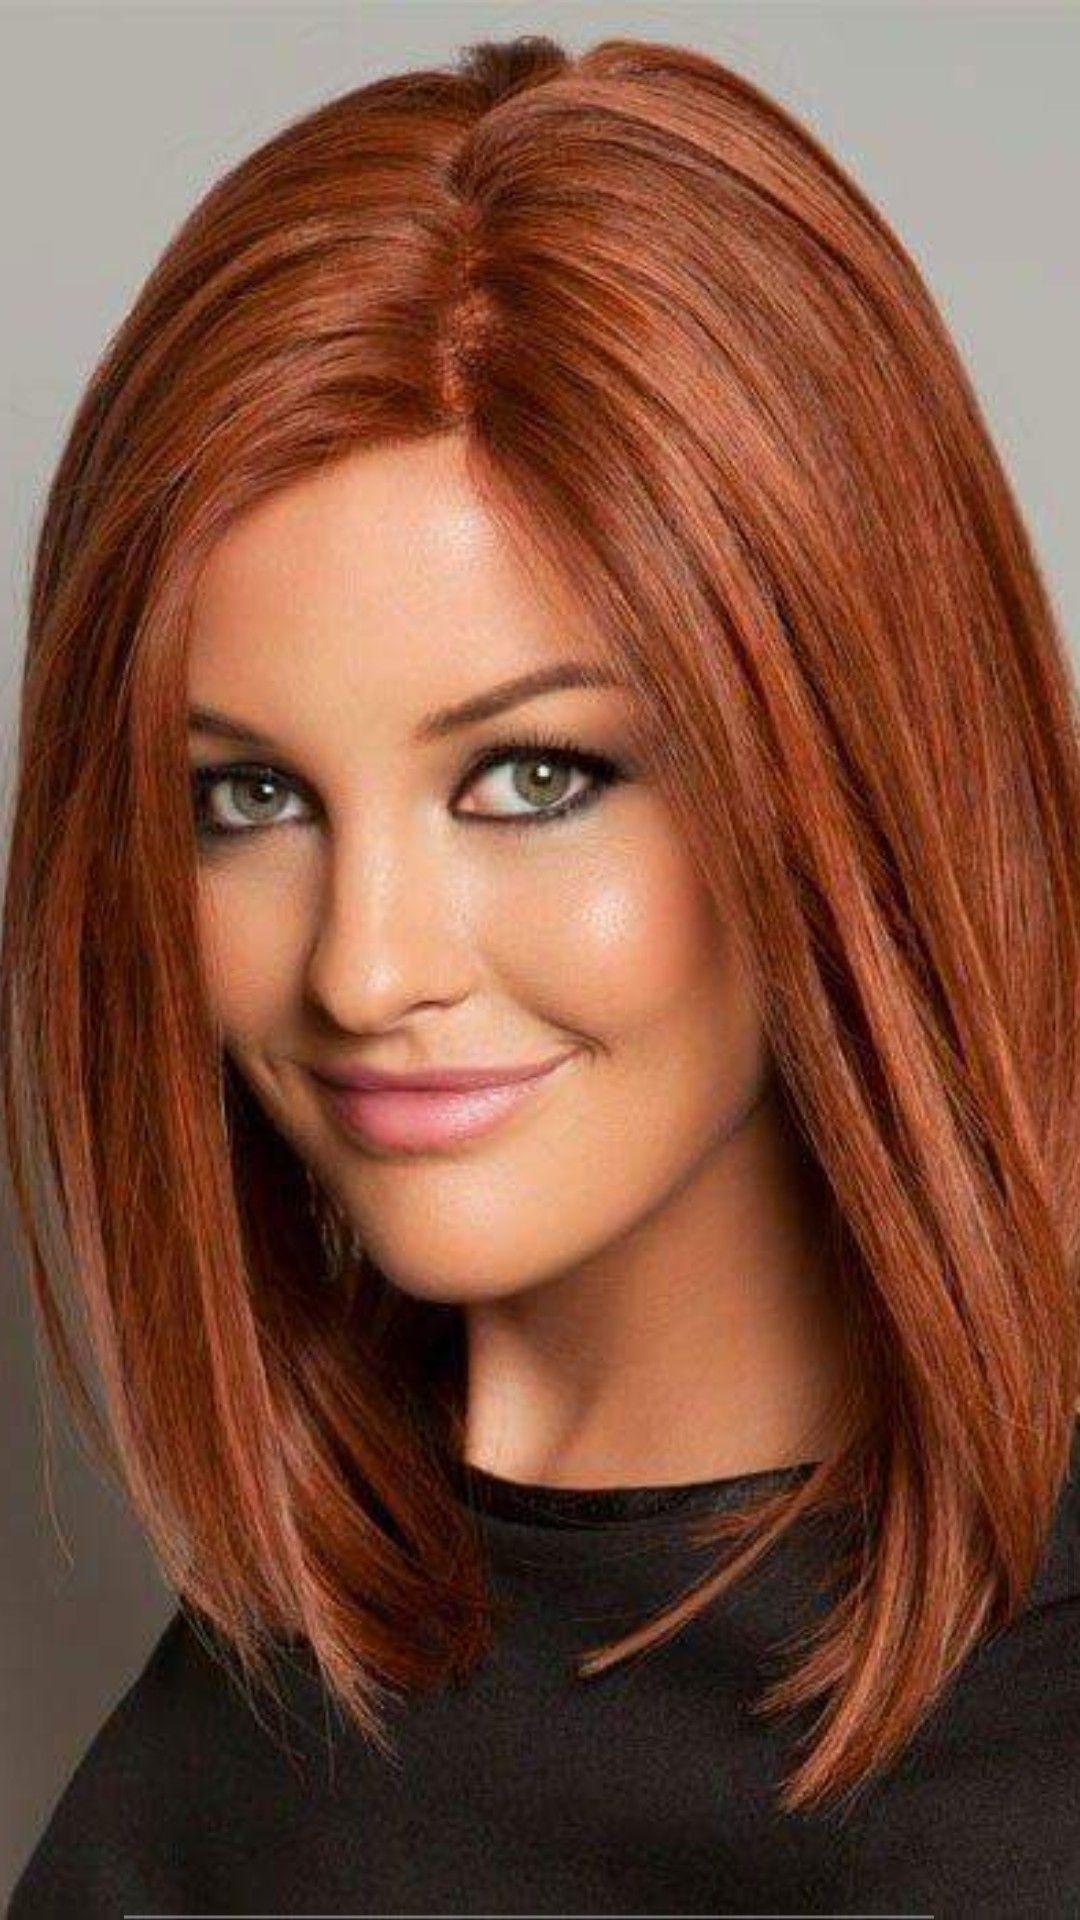 Pin Von Alla Valentov Auf Strizhki Frisuren Lange Haare Rot Frisur Rote Haare Schulterlange Haare Braun